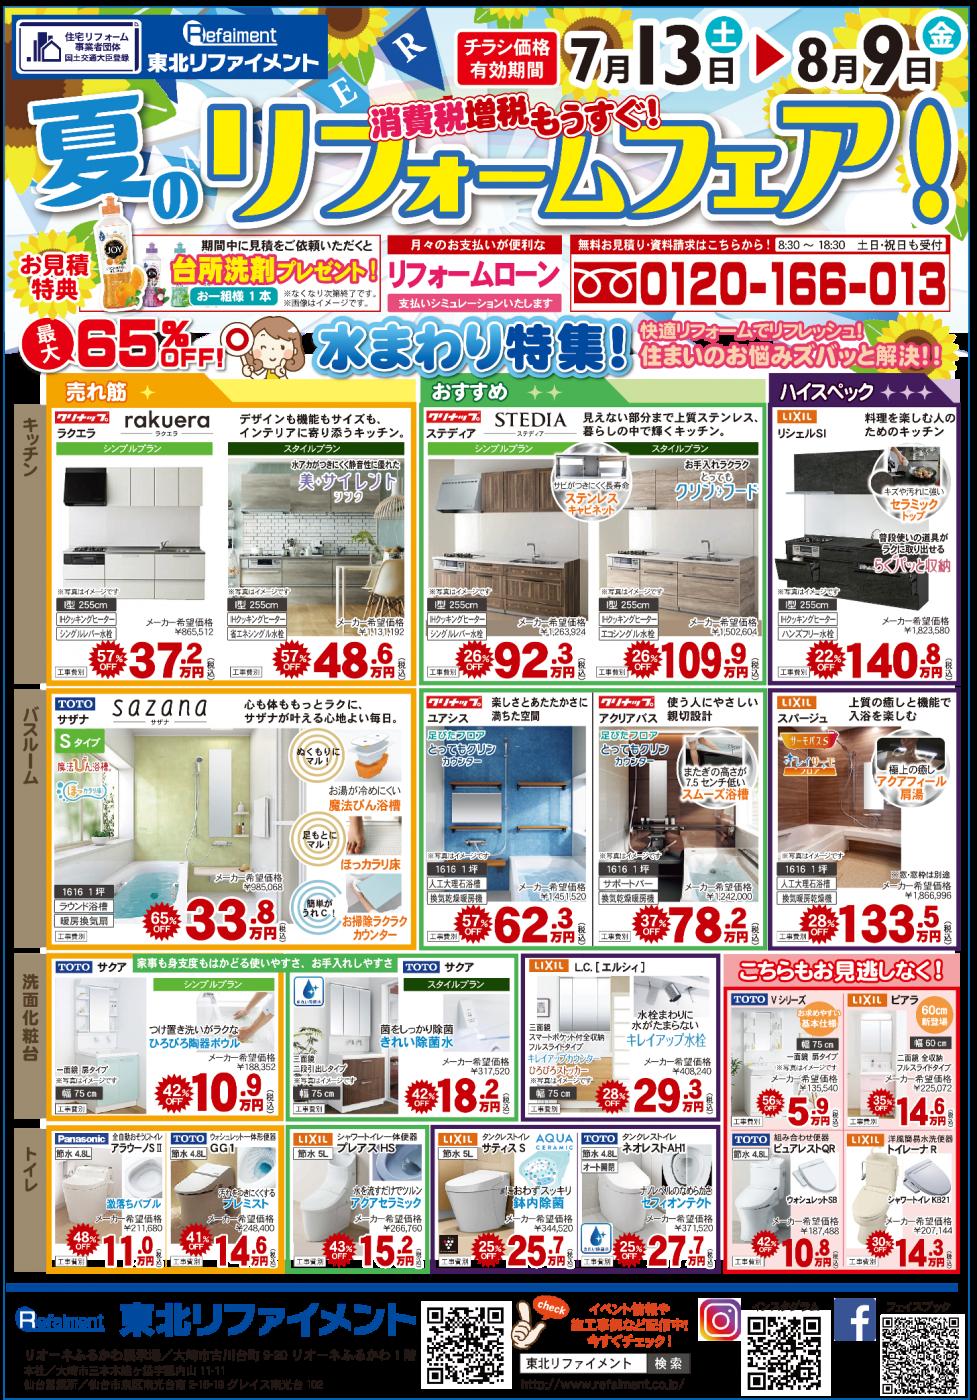 広告(2019_07_13~) 夏リフォームフェア B4 OTL表